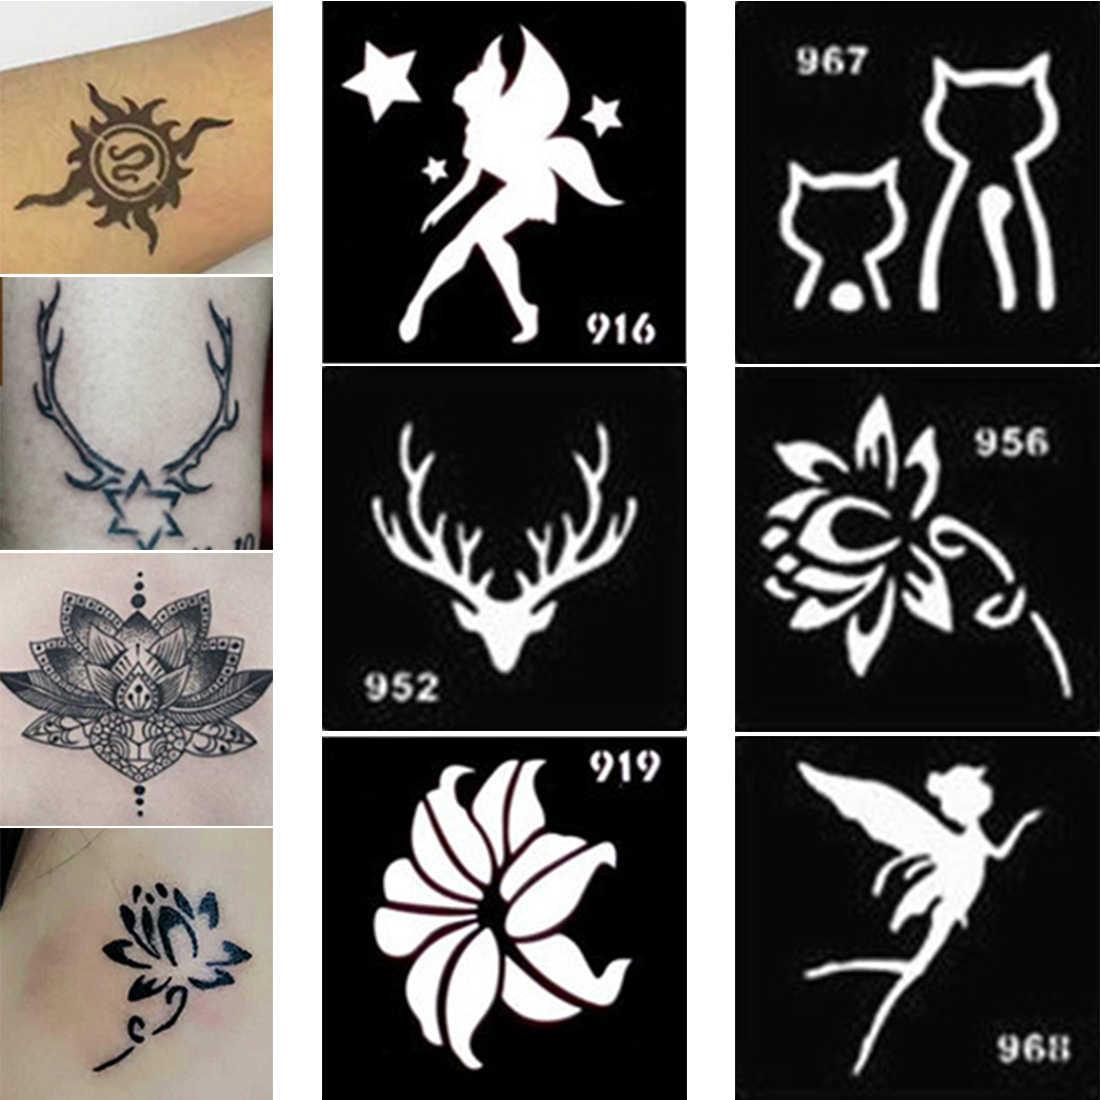 10 個タトゥークリーム手クリーム特別なテンプレートヘナタトゥー型 diy ペイント一時的な刺青インドタトゥーテンプレート